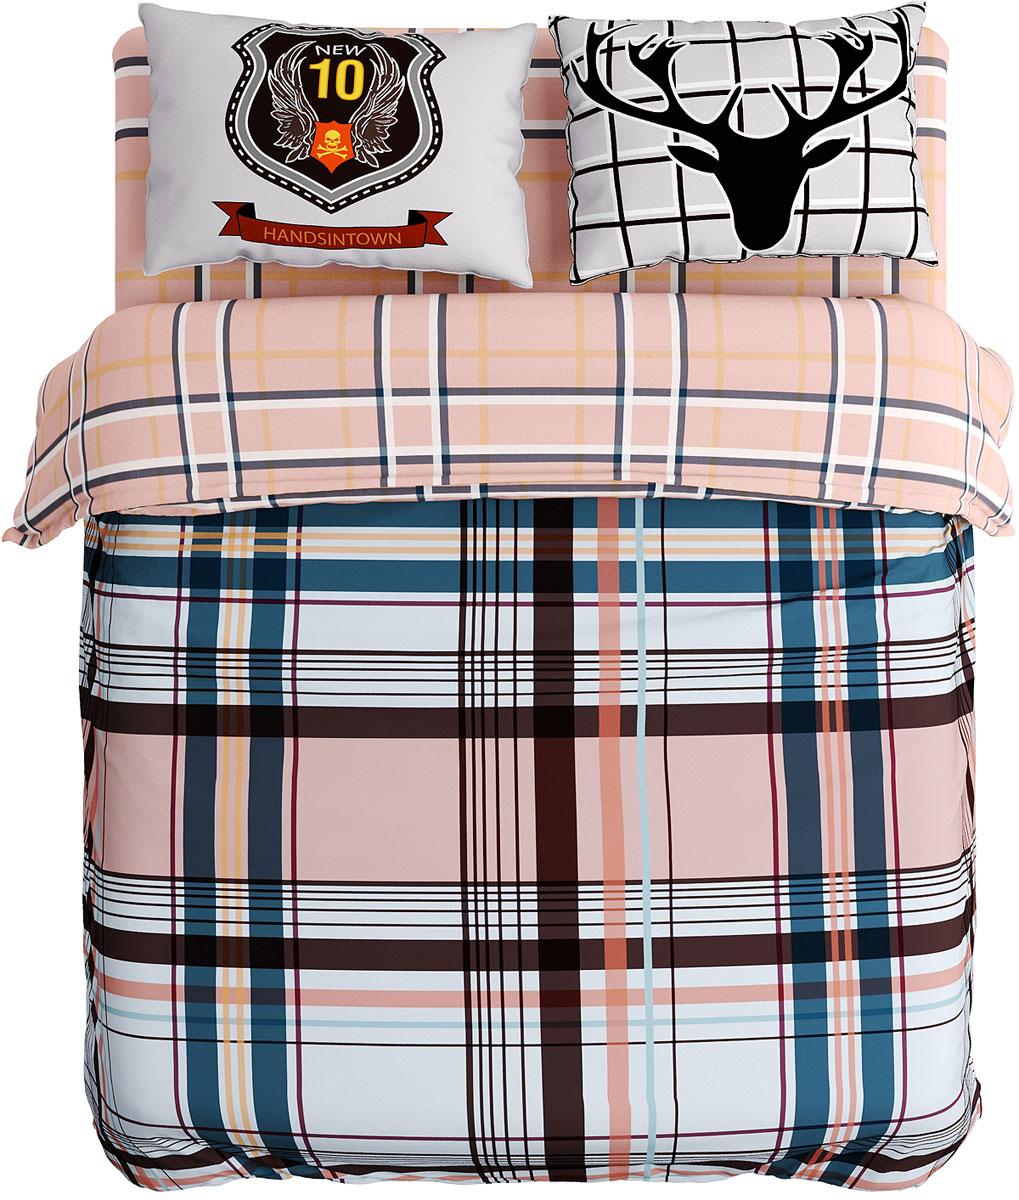 Комплект белья Сирень Король, евро, наволочки 50x70 смКПБЕМ-10437Комплект постельного белья Сирень Евро выполнен из прочной и мягкой ткани. Четкий и стильный рисунок в сочетании с насыщенными красками делают комплект постельного белья неповторимой изюминкой любого интерьера. Постельное белье Сирень - это хороший подарок в любое время. Идеальное соотношение смешенной ткани и гипоаллергенных красок это гарантия здорового, спокойного сна.Ткань хорошо впитывает влагу, надолго сохраняет яркость красок. Цвет простыни, пододеяльника, наволочки в комплектации может немного отличаться от представленного на фото.В комплект входят: простыня - 220х240см; пододельяник 200х220 см; наволочка - 50х70х2шт.Постельное белье легко стирать при 30-40 градусах, гладить при 150 градусах, не отбеливать. Рекомендуется перед первым использованием постирать.